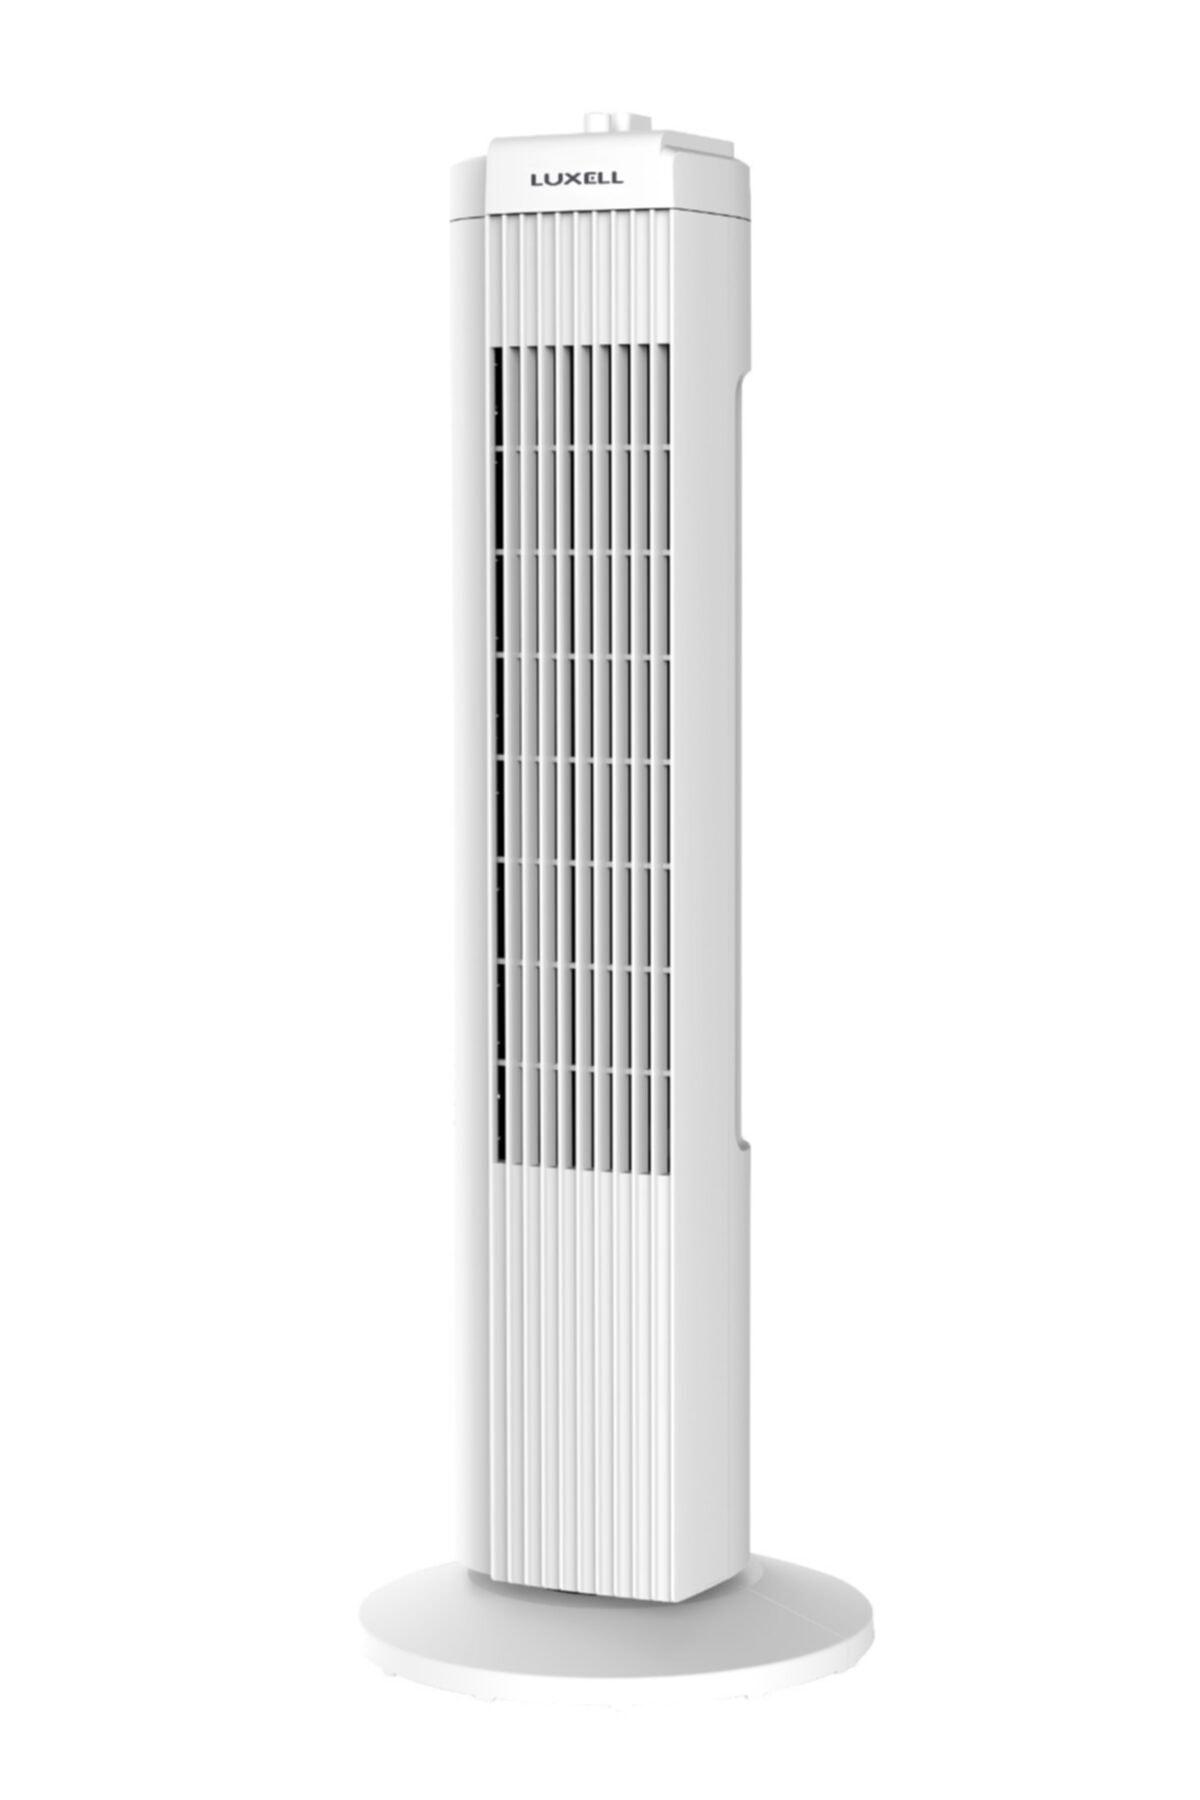 LXF-257W Tower Type Fan